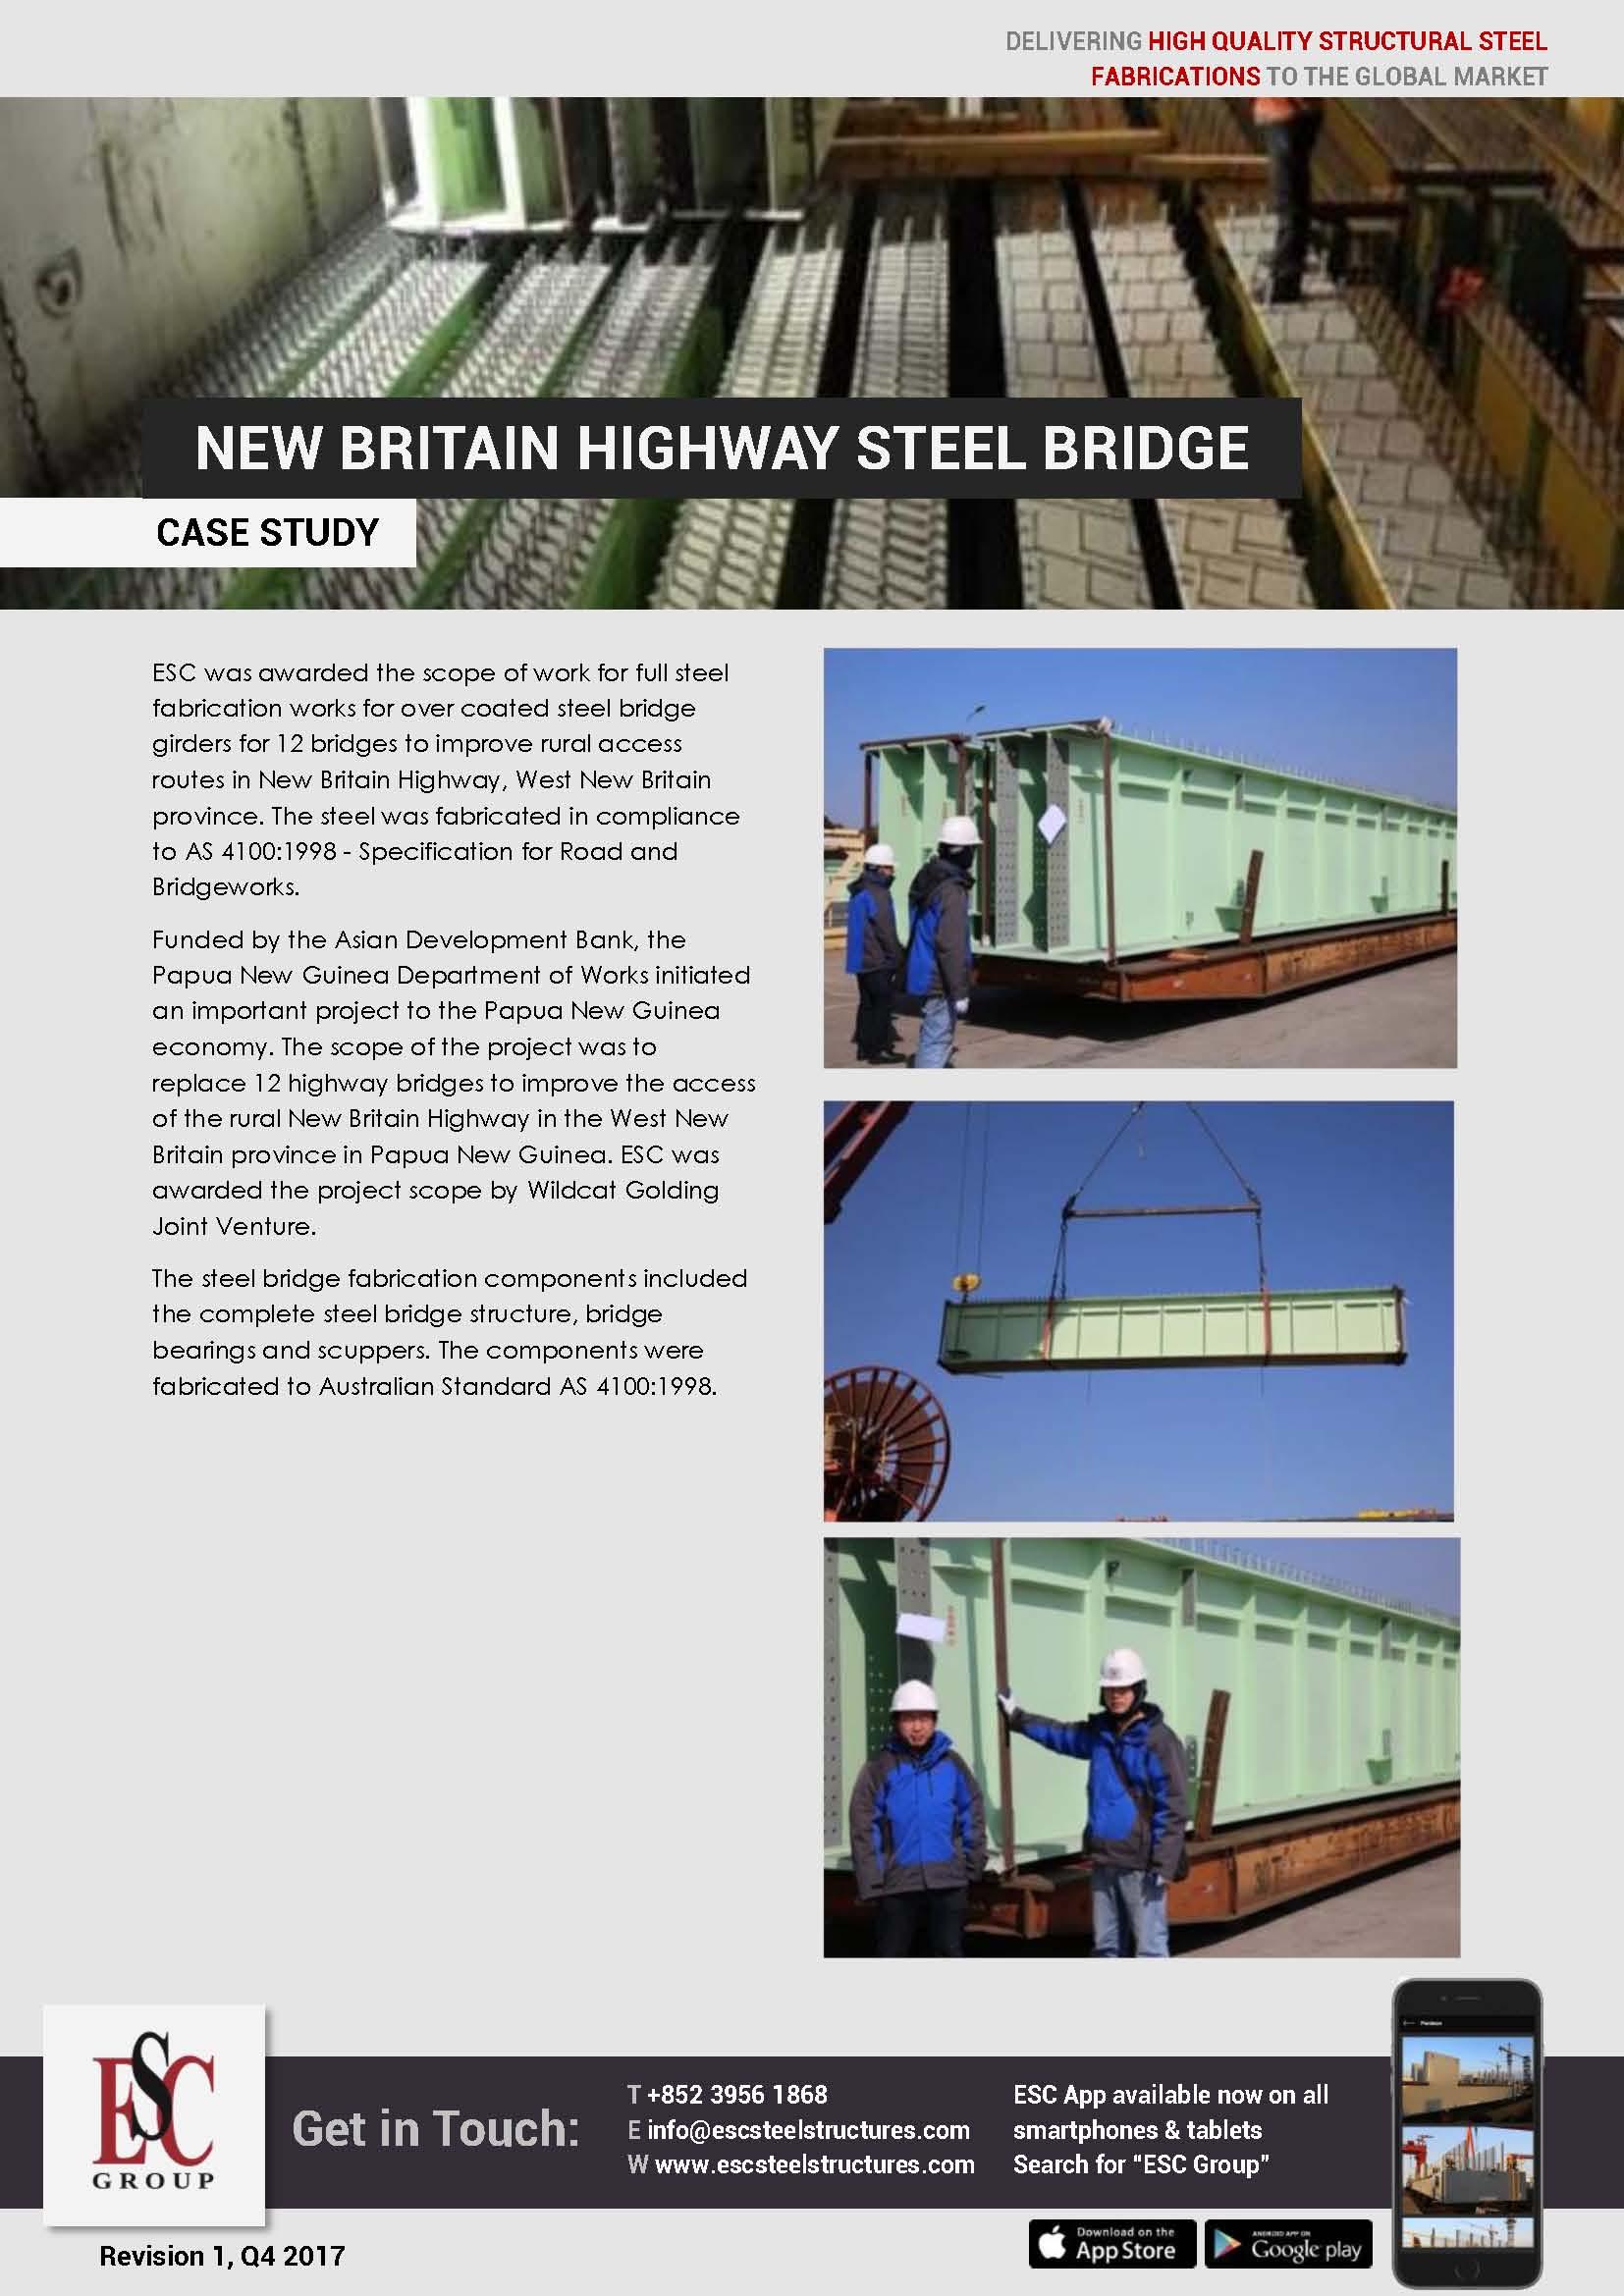 New Britain Highway Steel Bridge